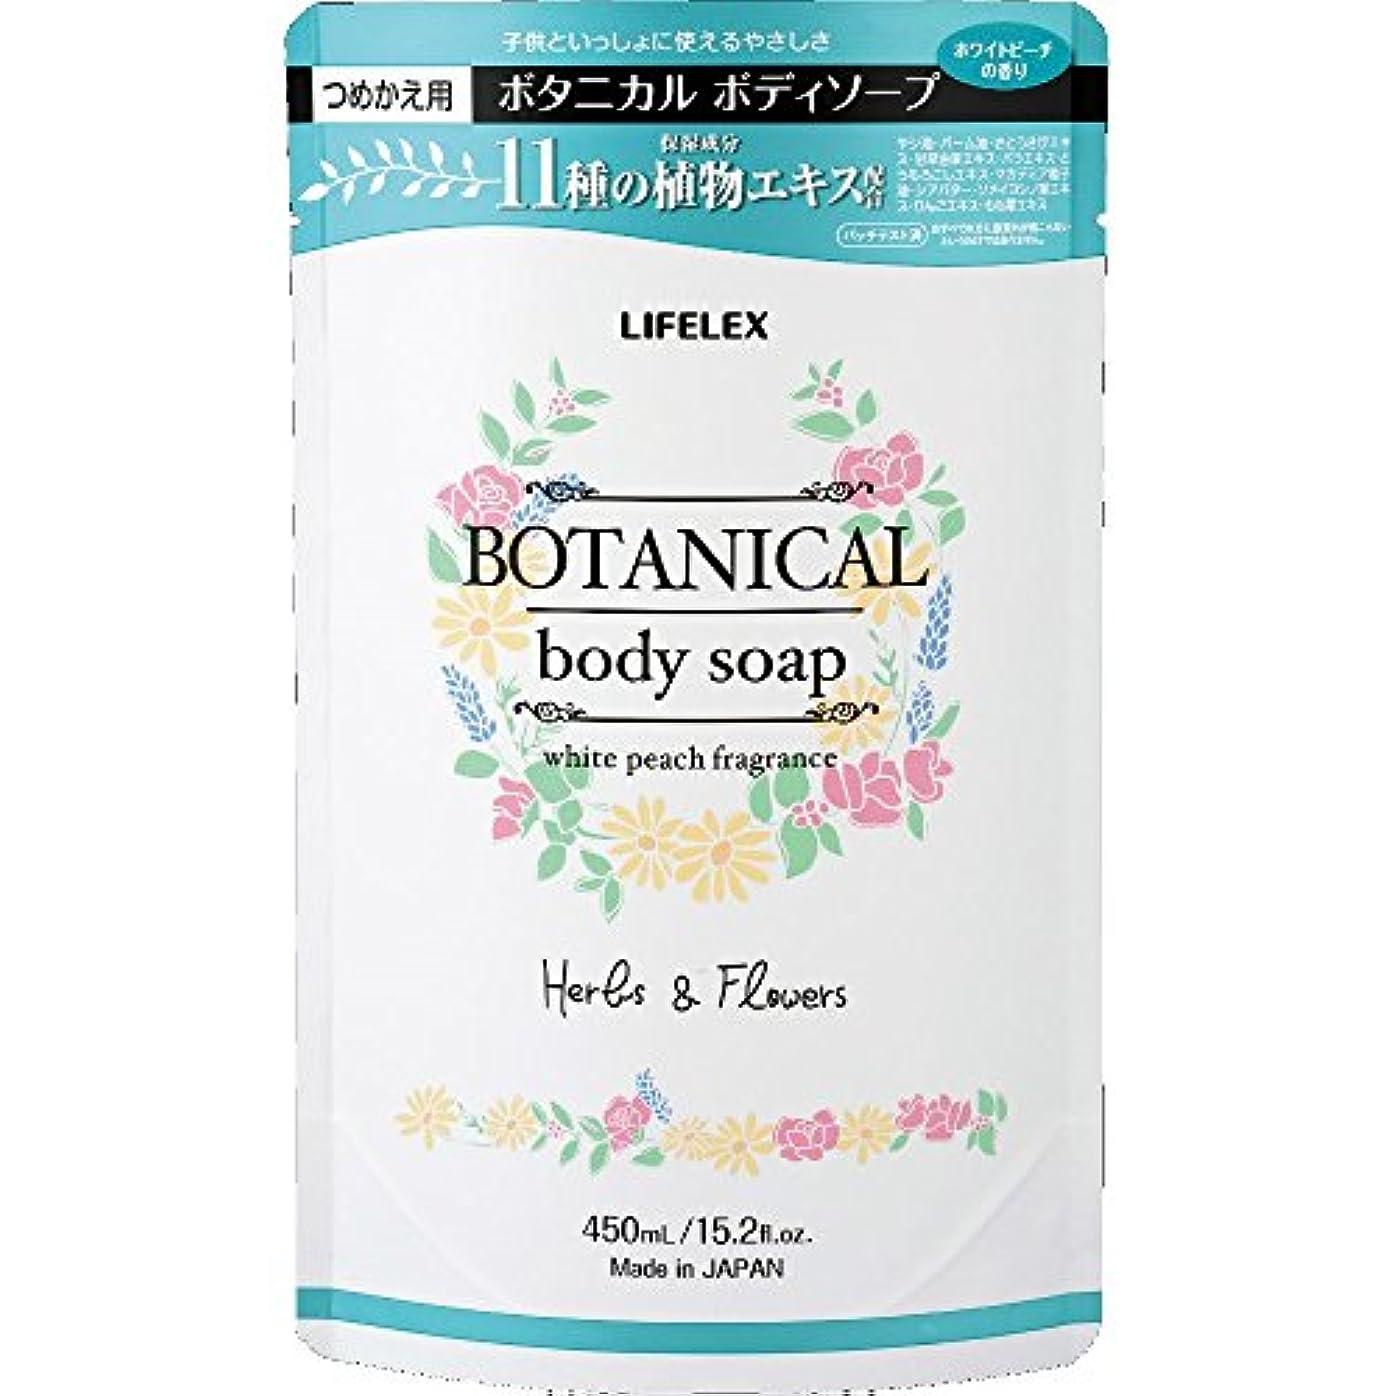 ここに酸化物バランスのとれたコーナン オリジナル LIFELEX ボタニカル ボディソープ ホワイトピーチの香り 詰め替え